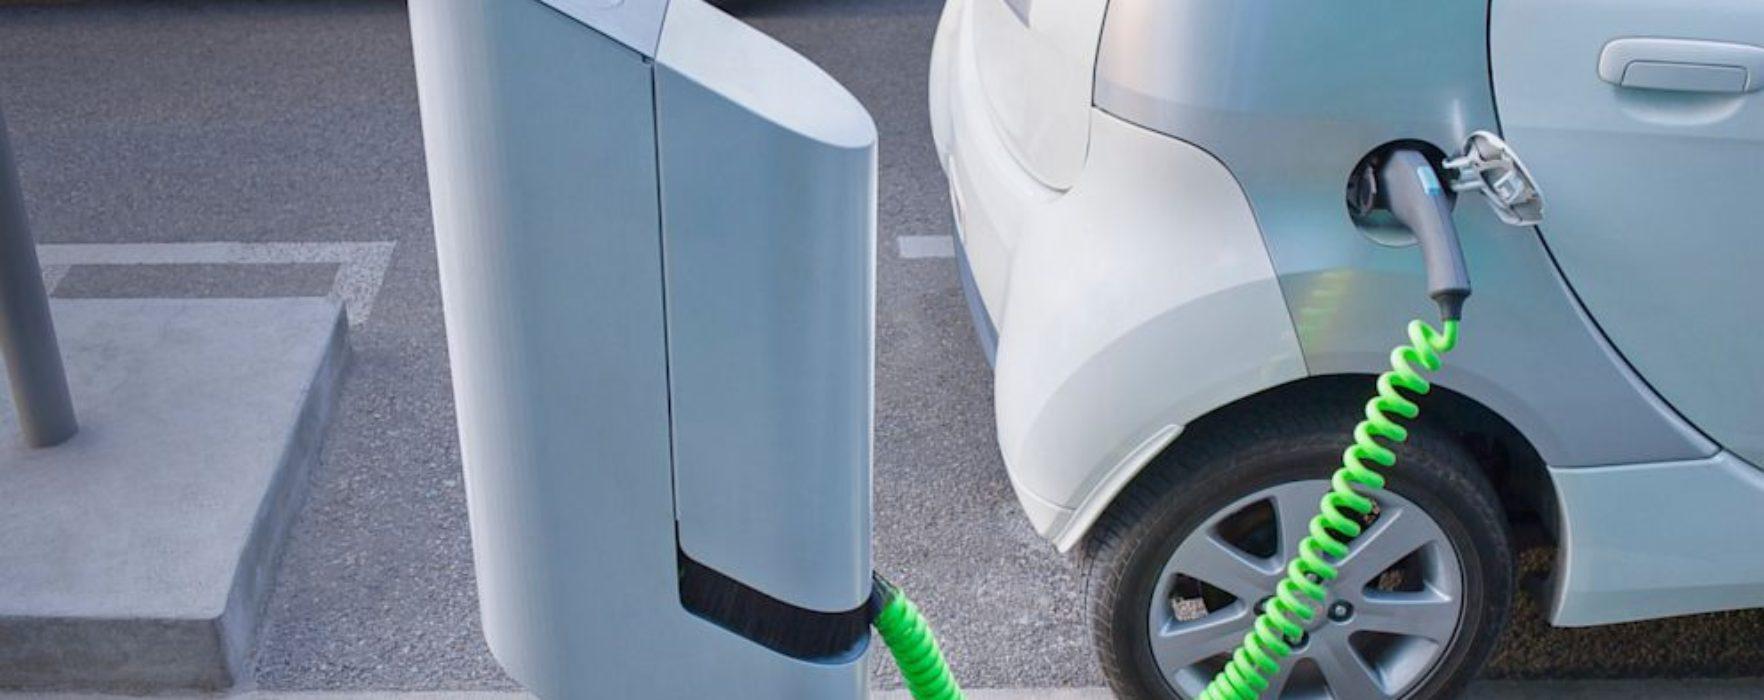 Târgovişte: Patru staţii de reîncărcare a autovehiculelor electrice vor fi construite cu fonduri guvernamentale